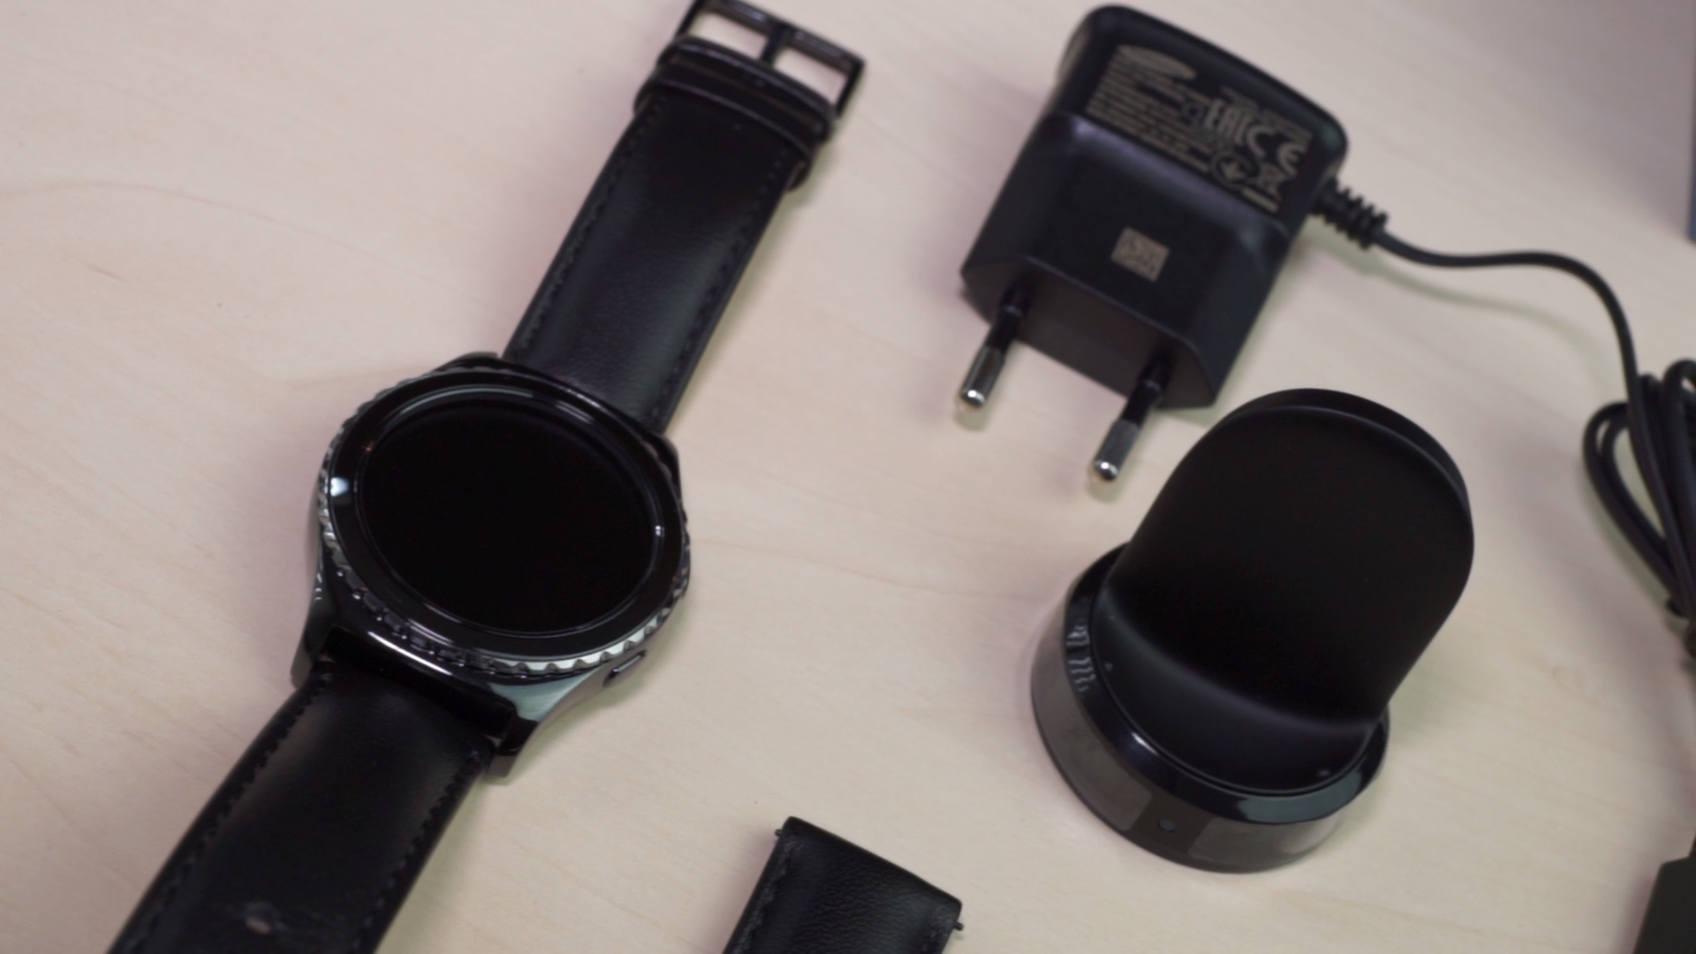 Samsung Gear S2 test (6)